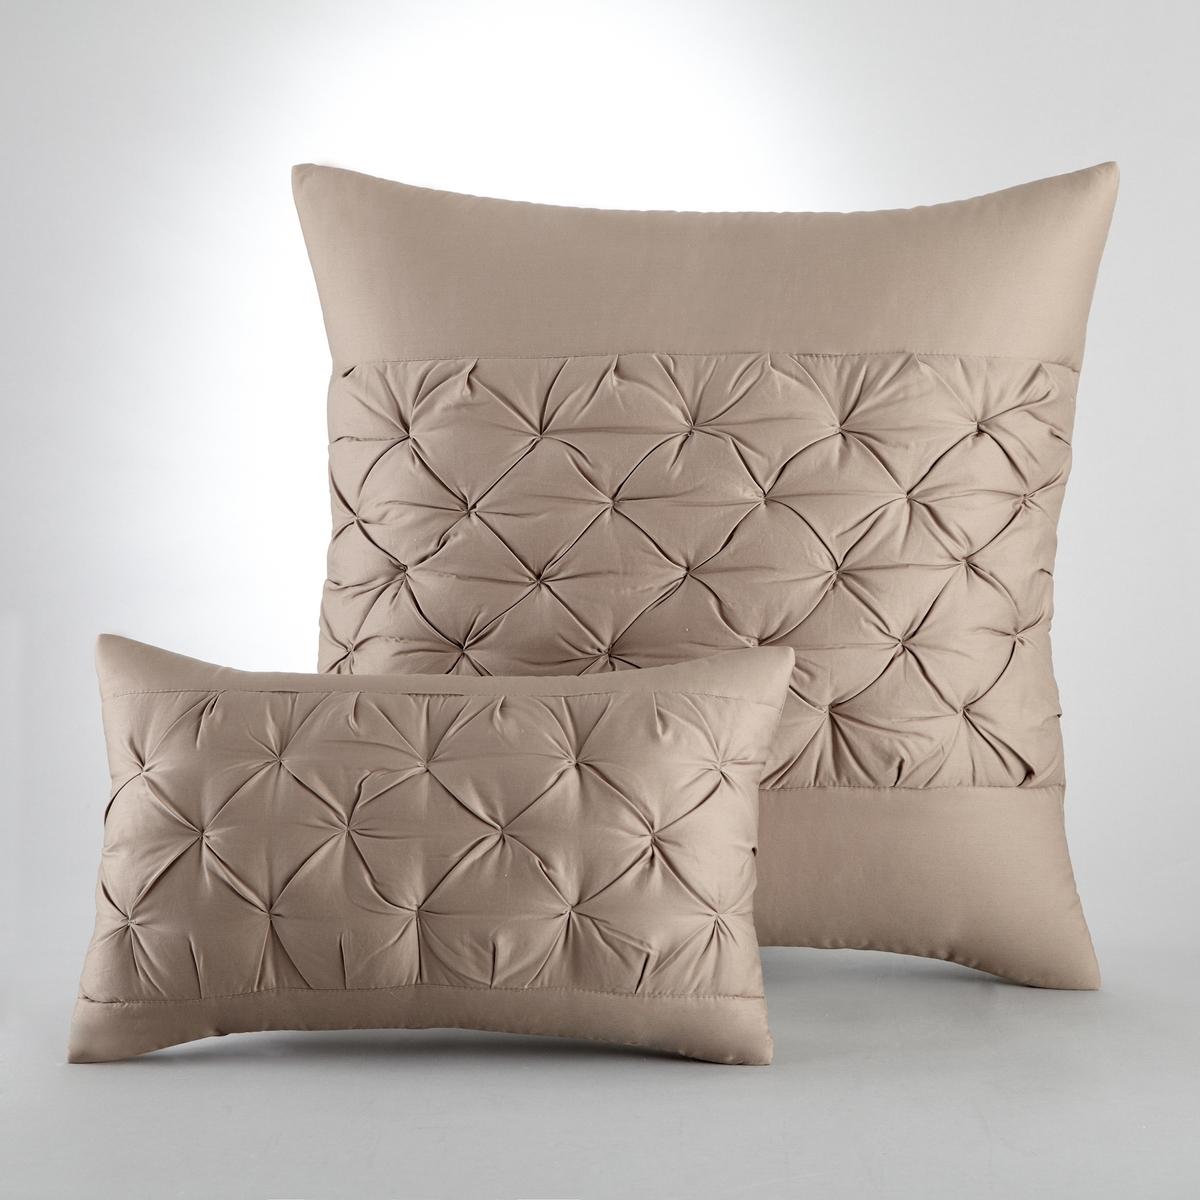 Чехол на подушку KhinХарактеристики наволочки или наволочки на подушку-валик с прострочкой в стиле оригами, Khin :- Наполнитель 100 % полиэстер (250 г/м?)- 1 сторона с оригинальной прострочкой, 1 однотонная сторона, 100% хлопок- 100% сатин- Застежка на банты сзадиМашинная стирка при 40 °С.<br><br>Цвет: бежевый экрю,серо-коричневый,серый<br>Размер: 50 x 30 см.65 x 65  см.65 x 65  см